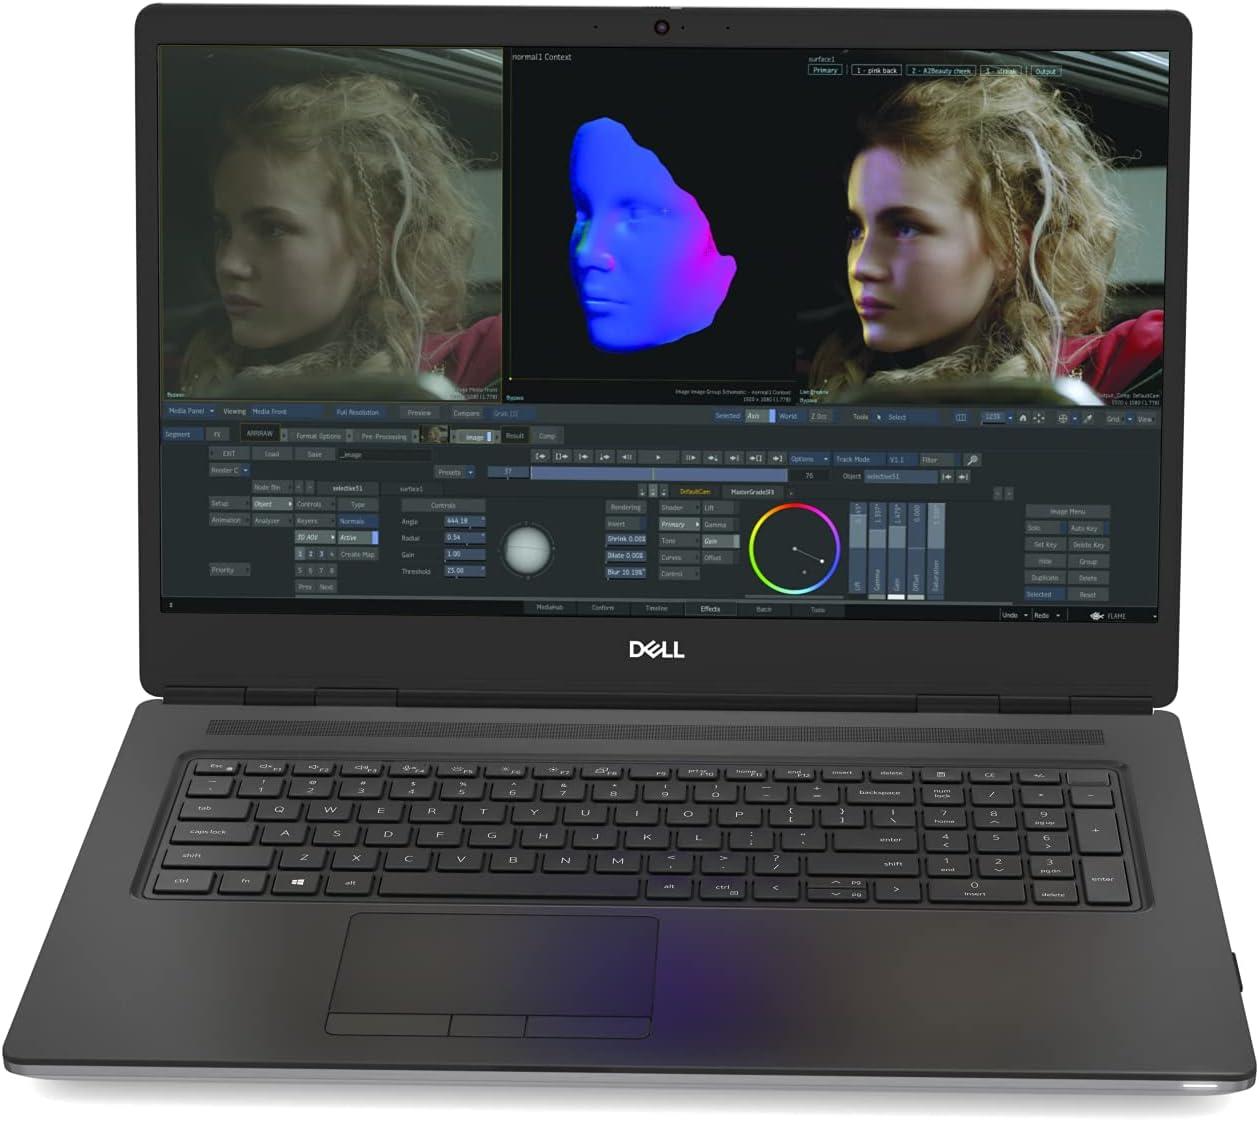 Dell Precision 7750 17.3